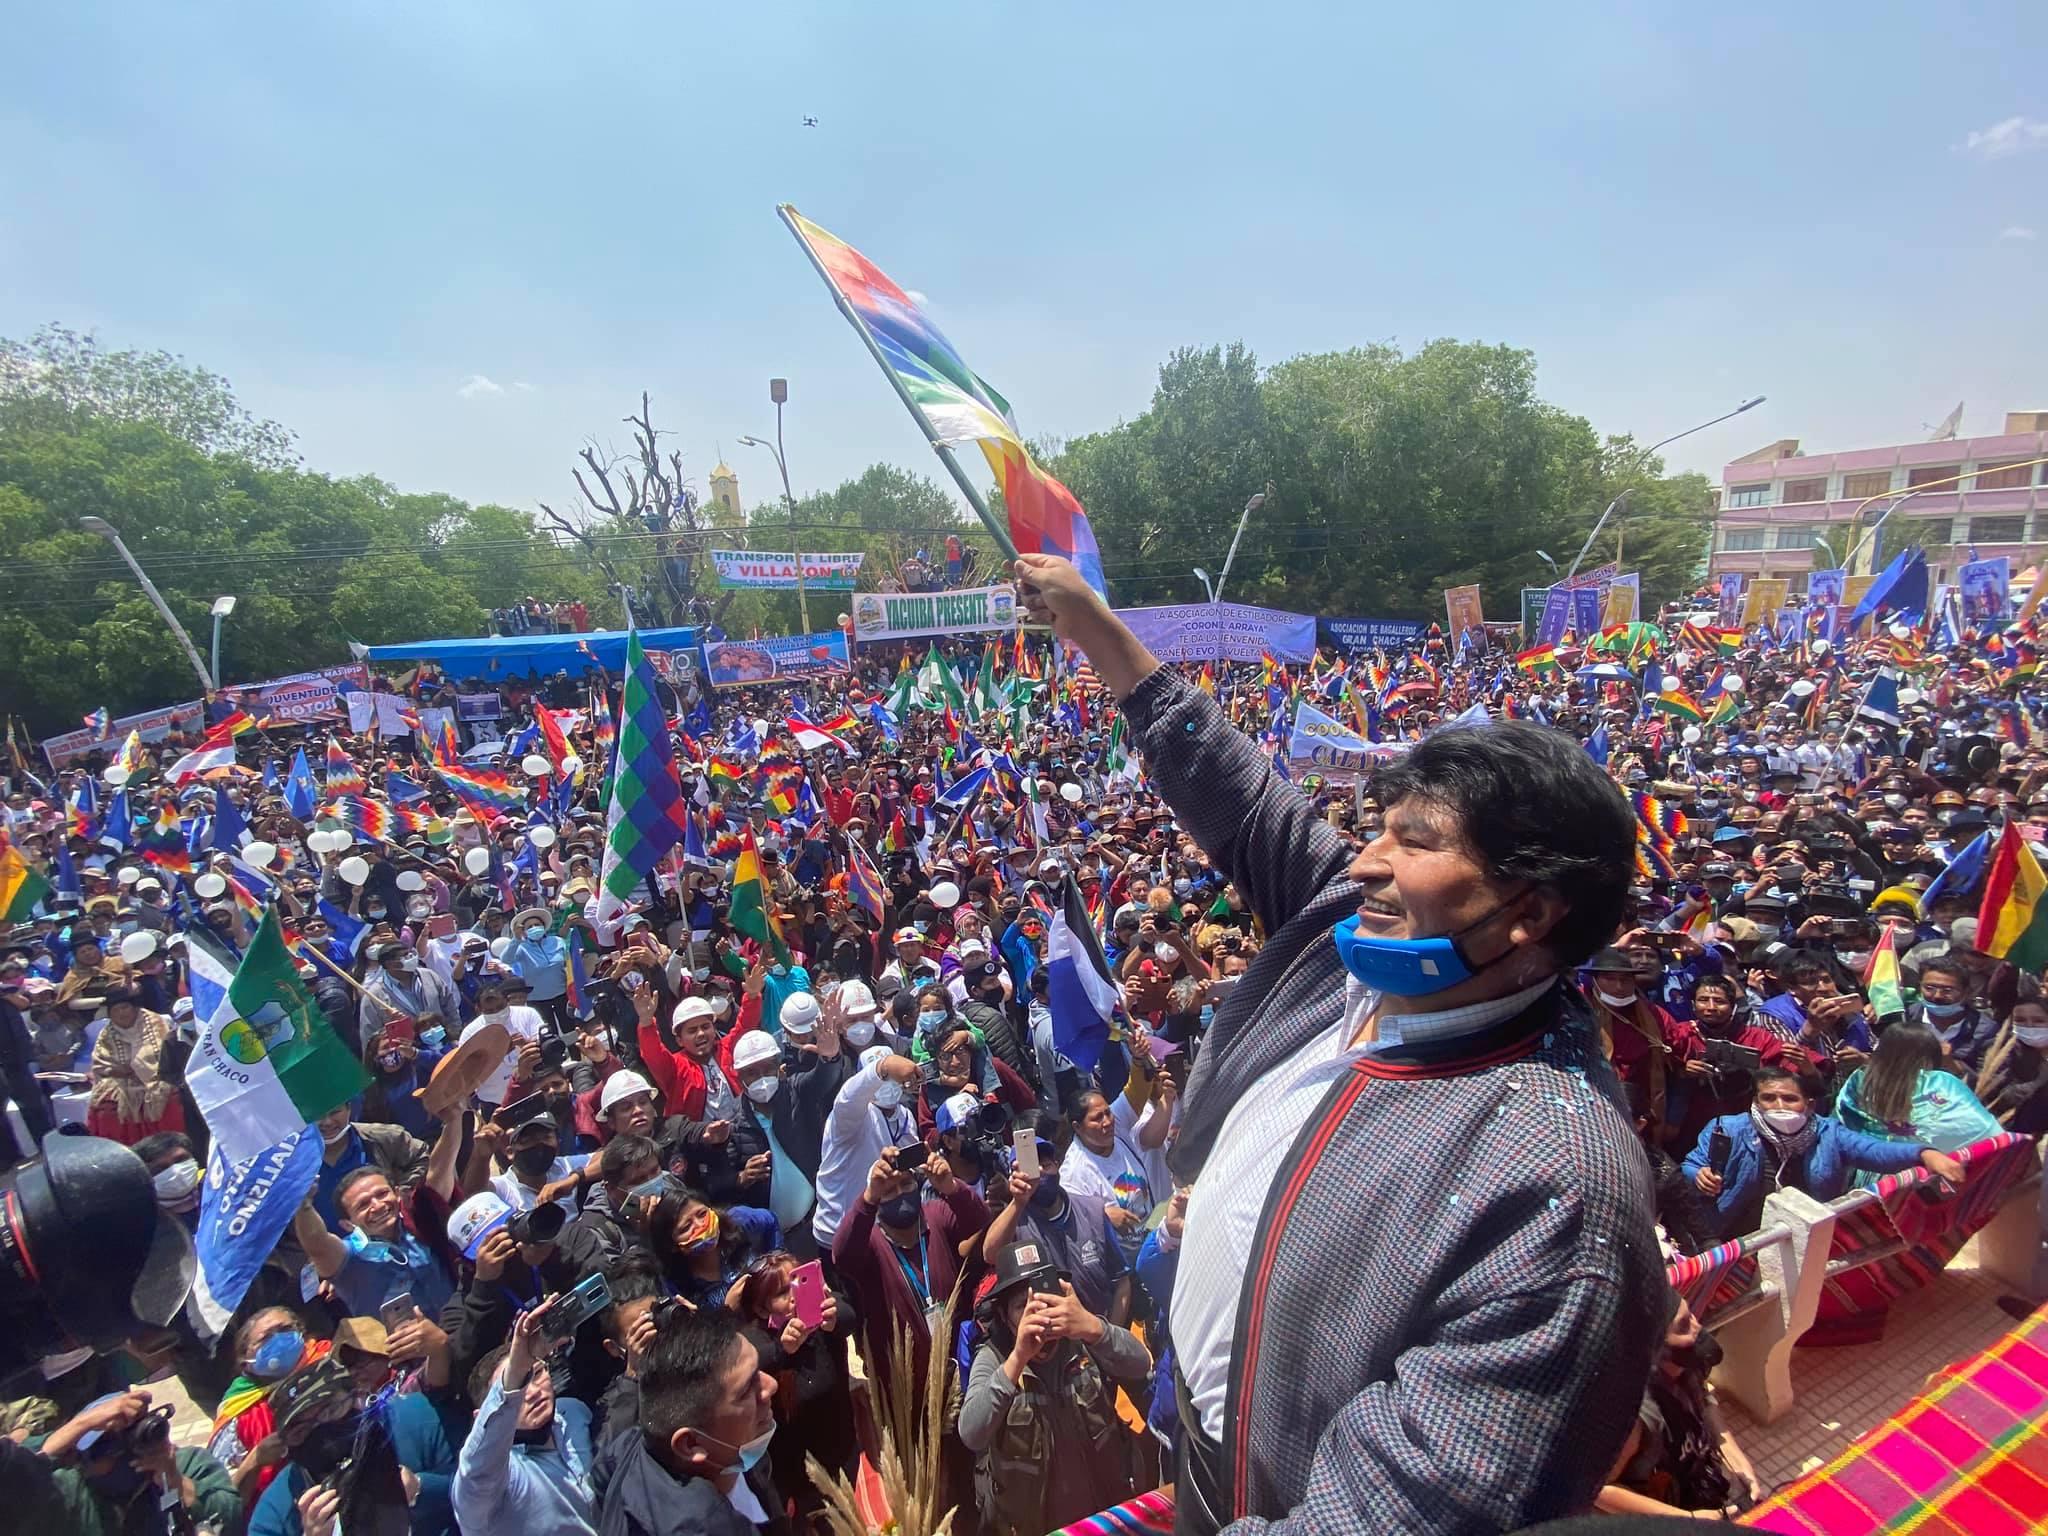 """Júbilo en Bolivia por regreso de Evo Morales, """"hemos recuperado la democracia son violencia"""""""